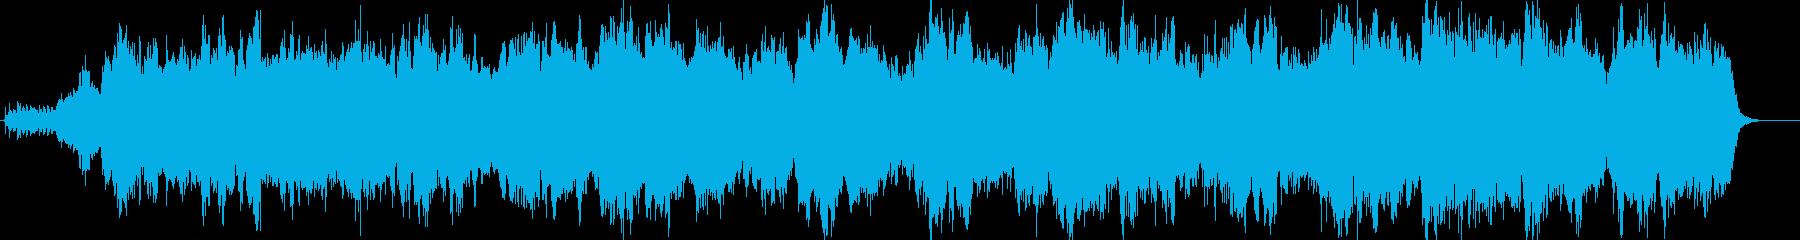 クラシック調のシンセサイザーによる曲の再生済みの波形